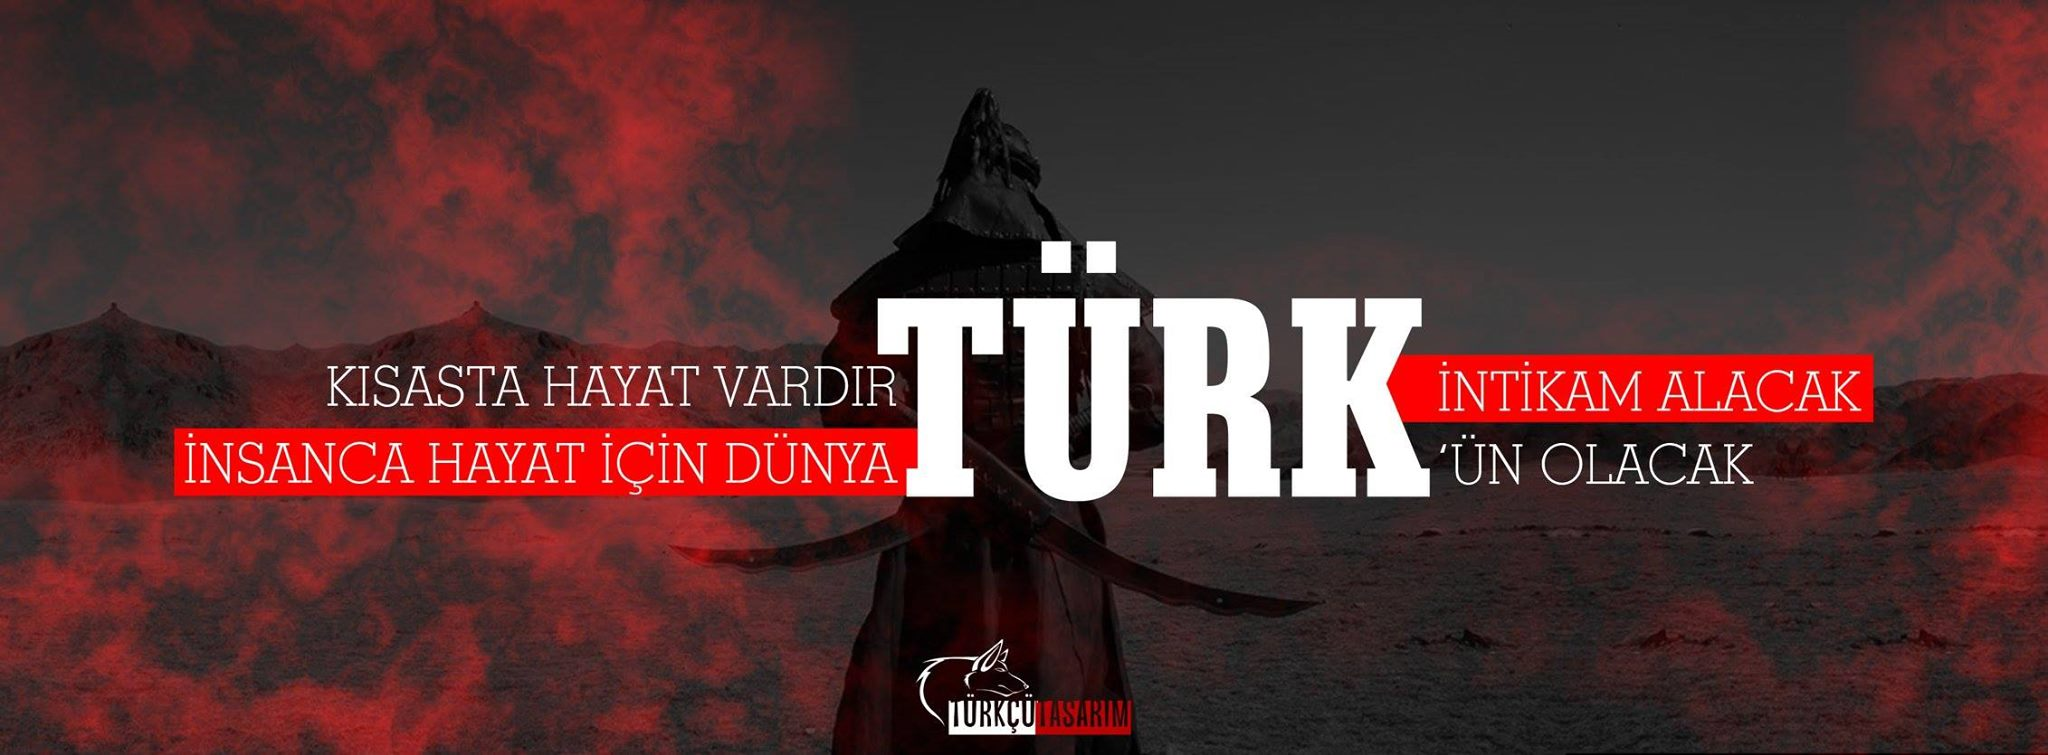 türk intikam olacak -kapak